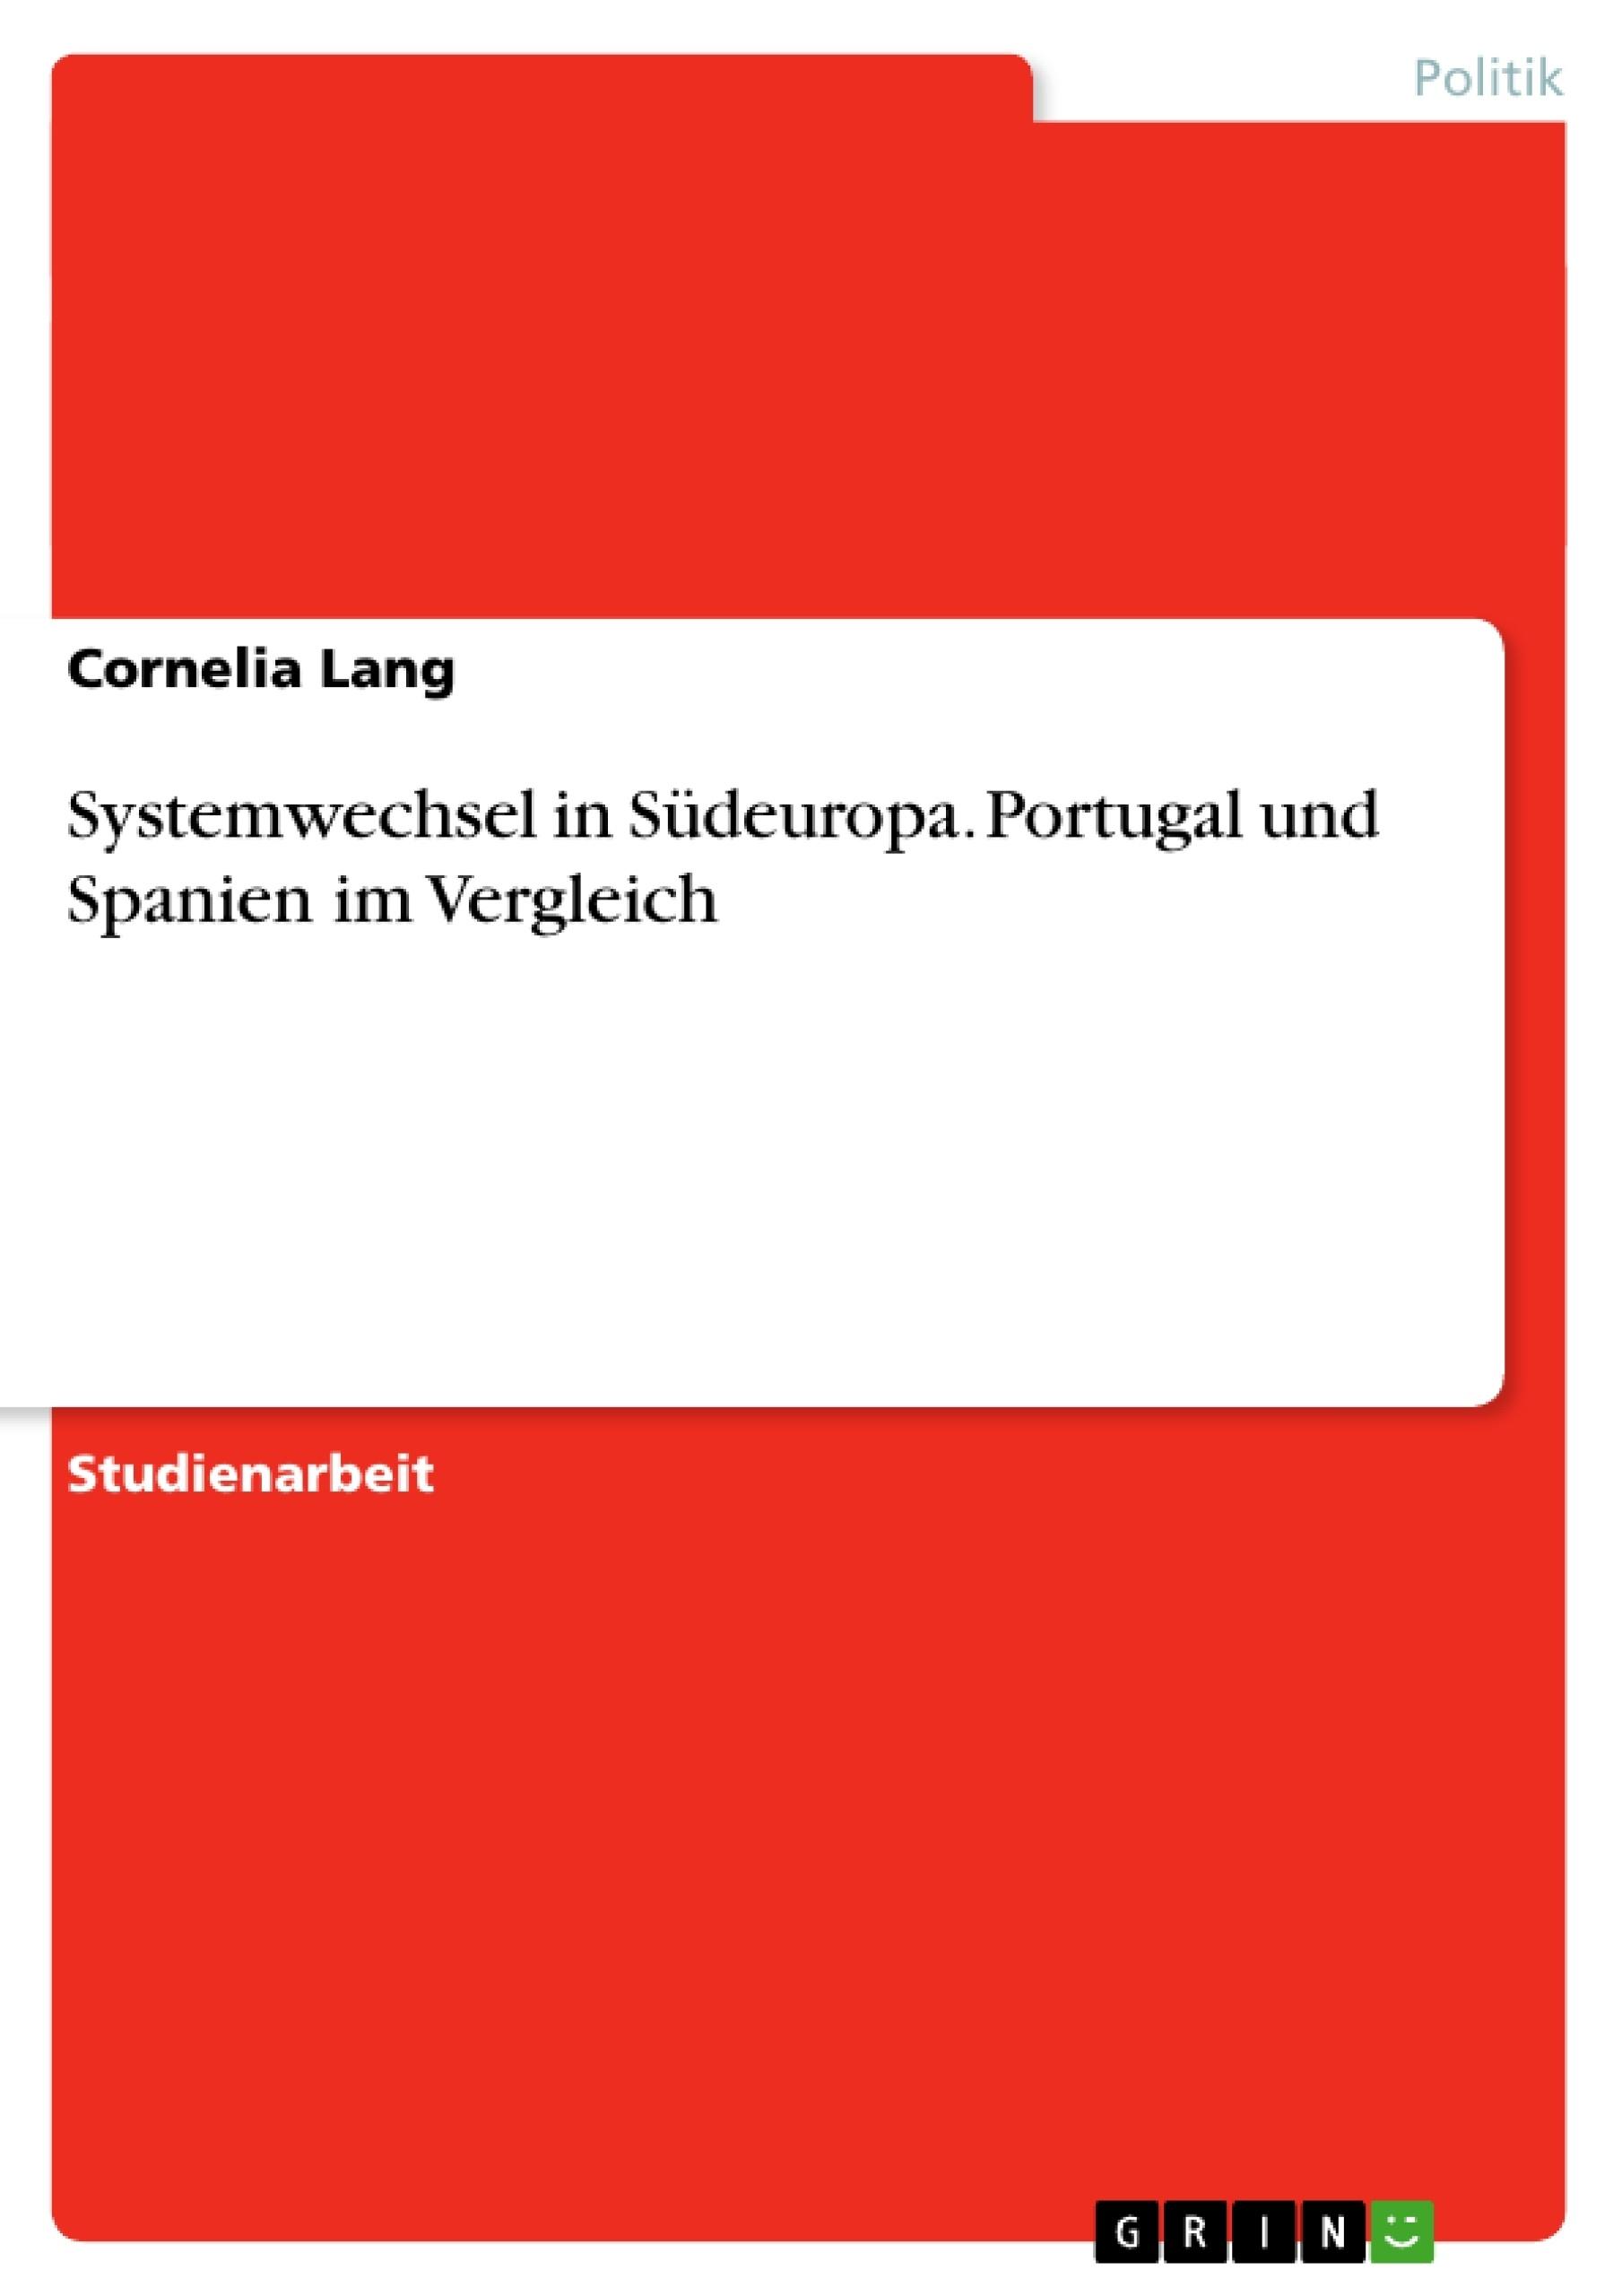 Titel: Systemwechsel in Südeuropa. Portugal und Spanien im Vergleich